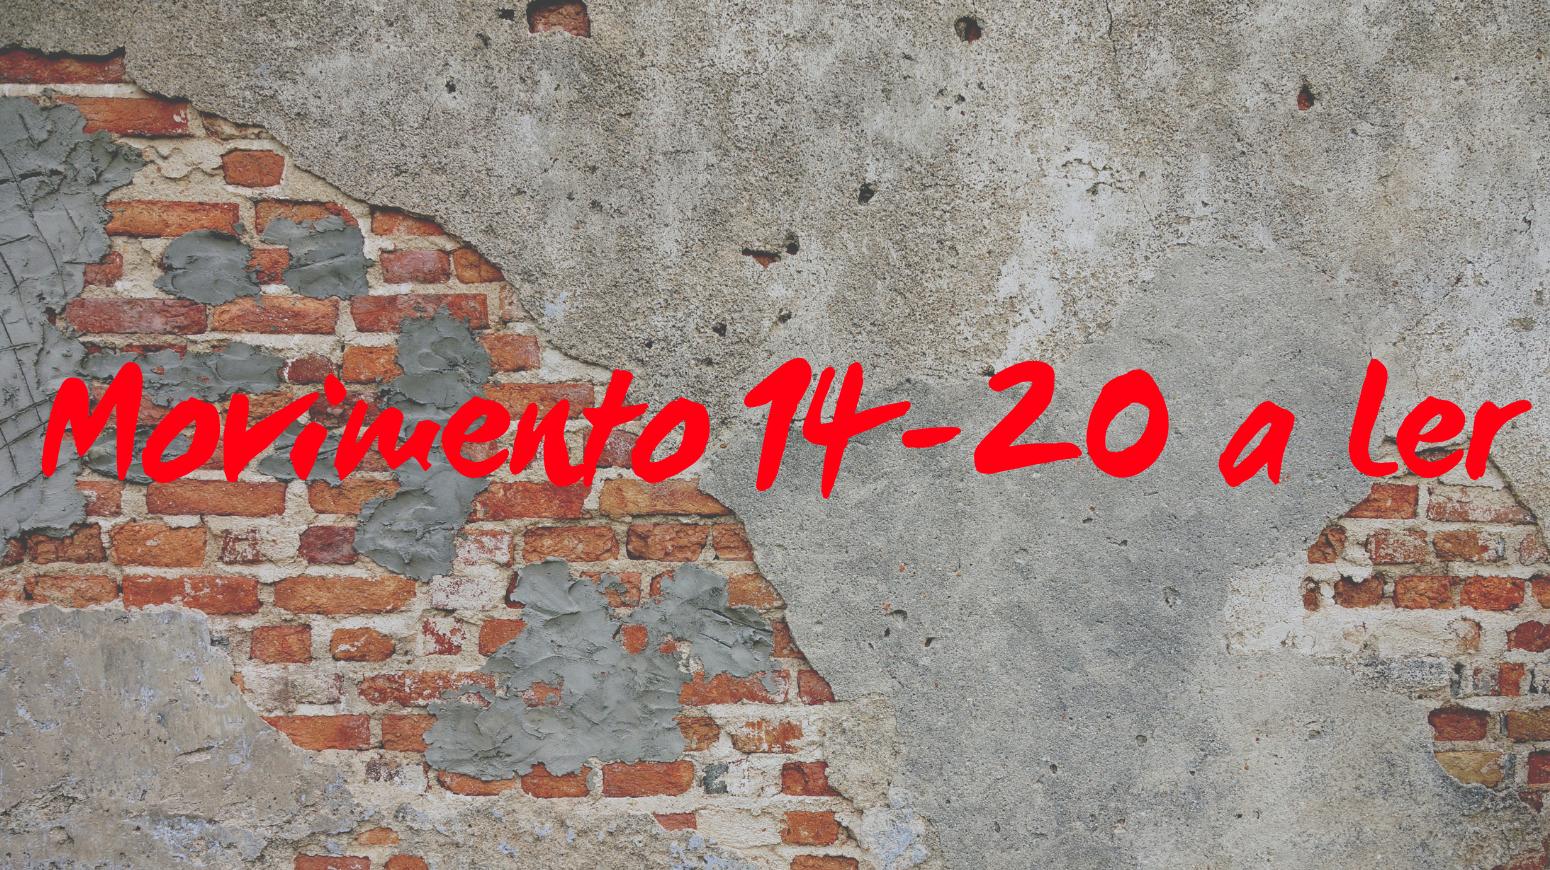 Movimento 14 20